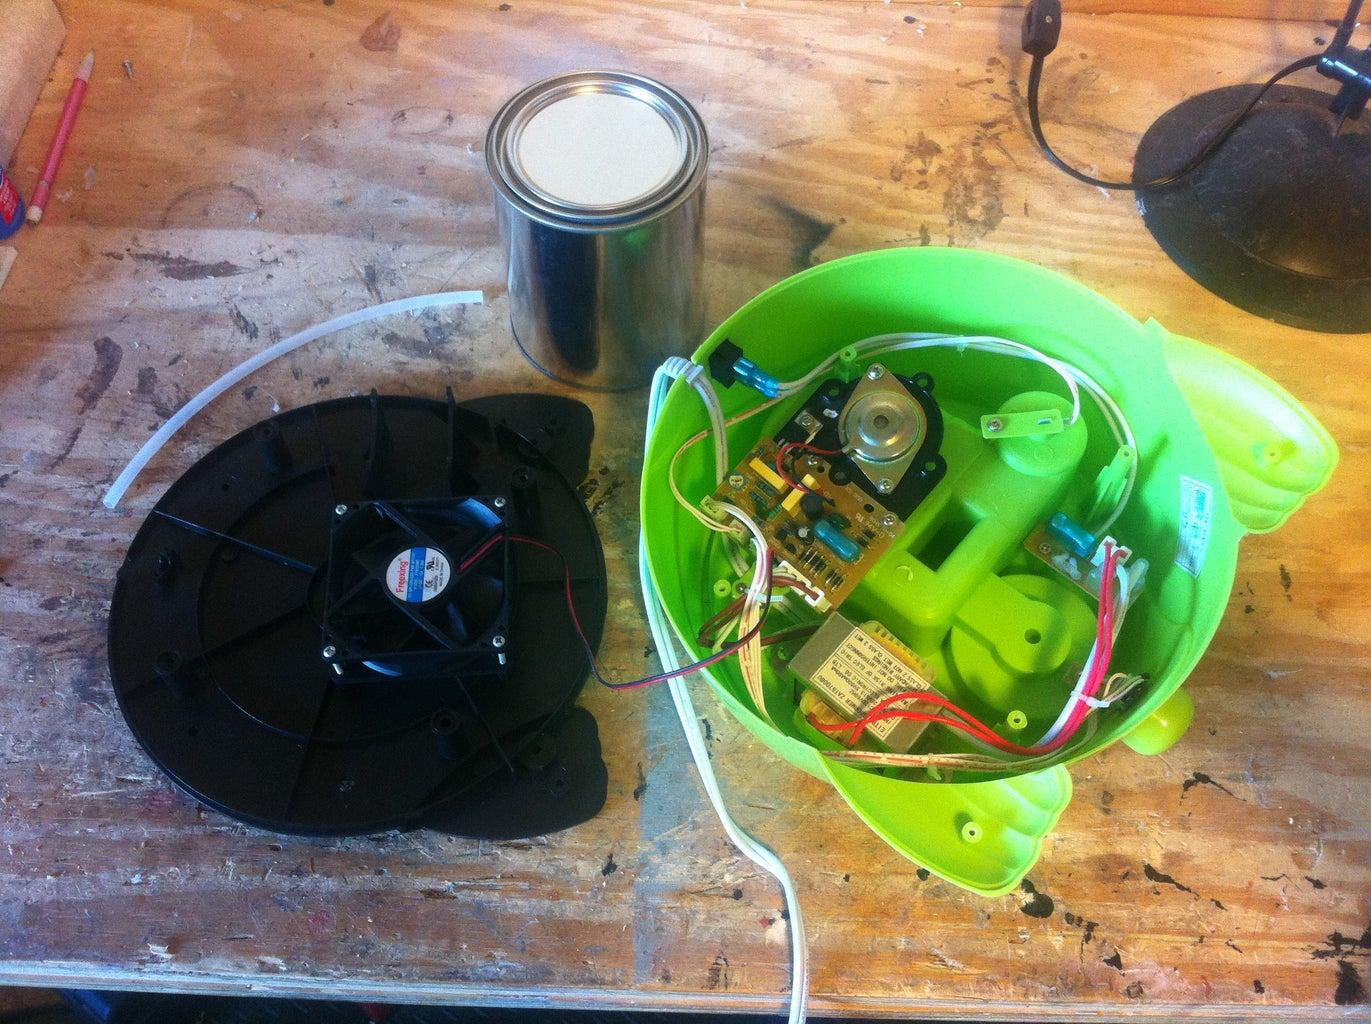 Take Apart & Prepare the Humidifier